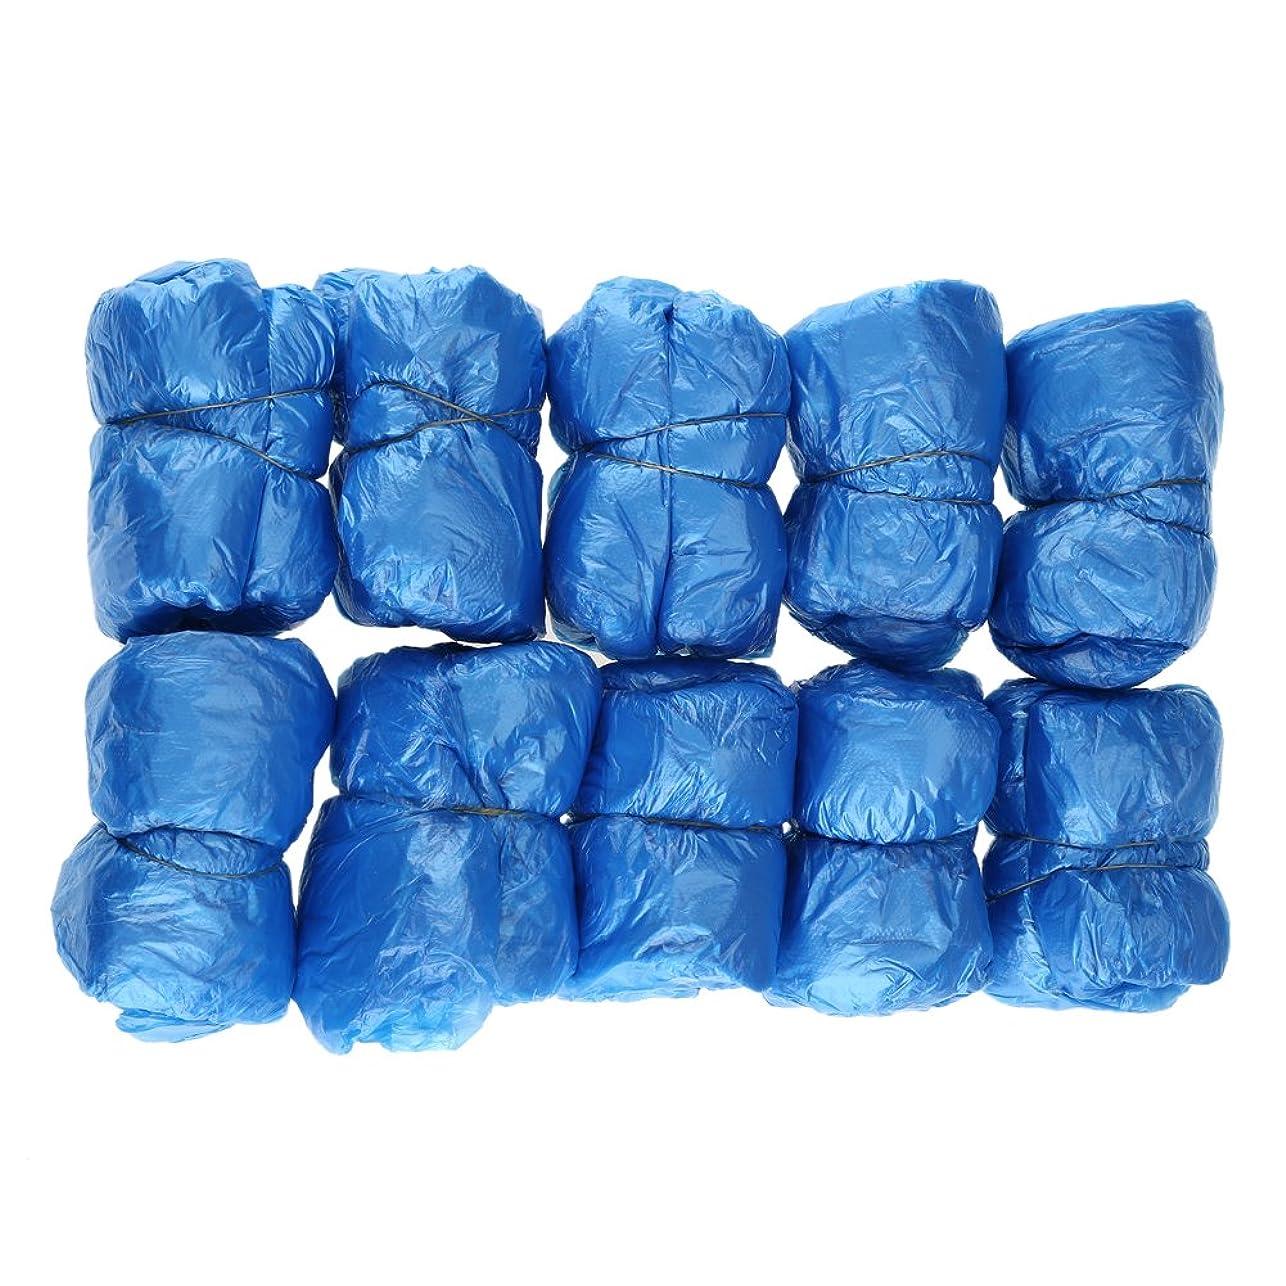 レタスフィヨルド義務づける100枚入 使い捨て靴カバー シューズカバー 靴カバー サイズフリー簡単 便利 衛生 家庭用品 ブルー